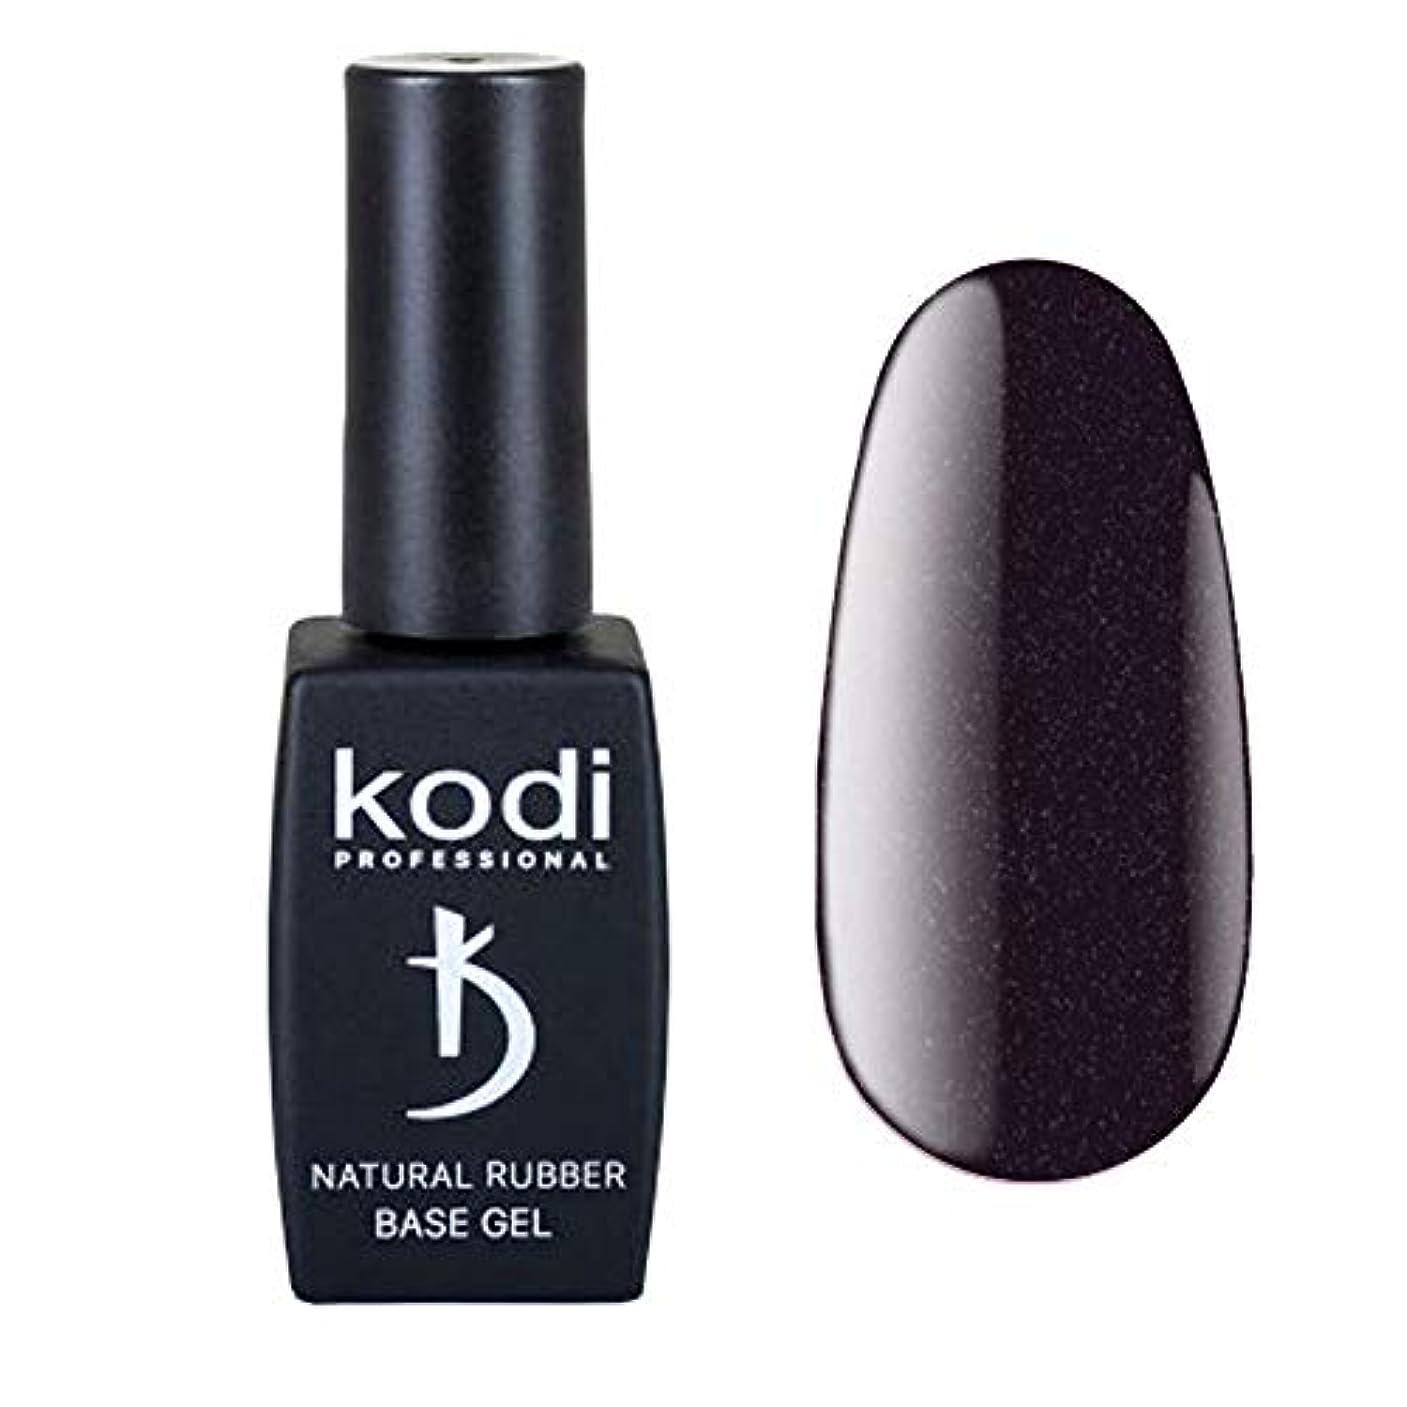 ふざけた孤独な火山学者Kodi Professional New Collection V Violet #01 Color Gel Nail Polish 12ml 0.42 Fl Oz LED UV Genuine Soak Off